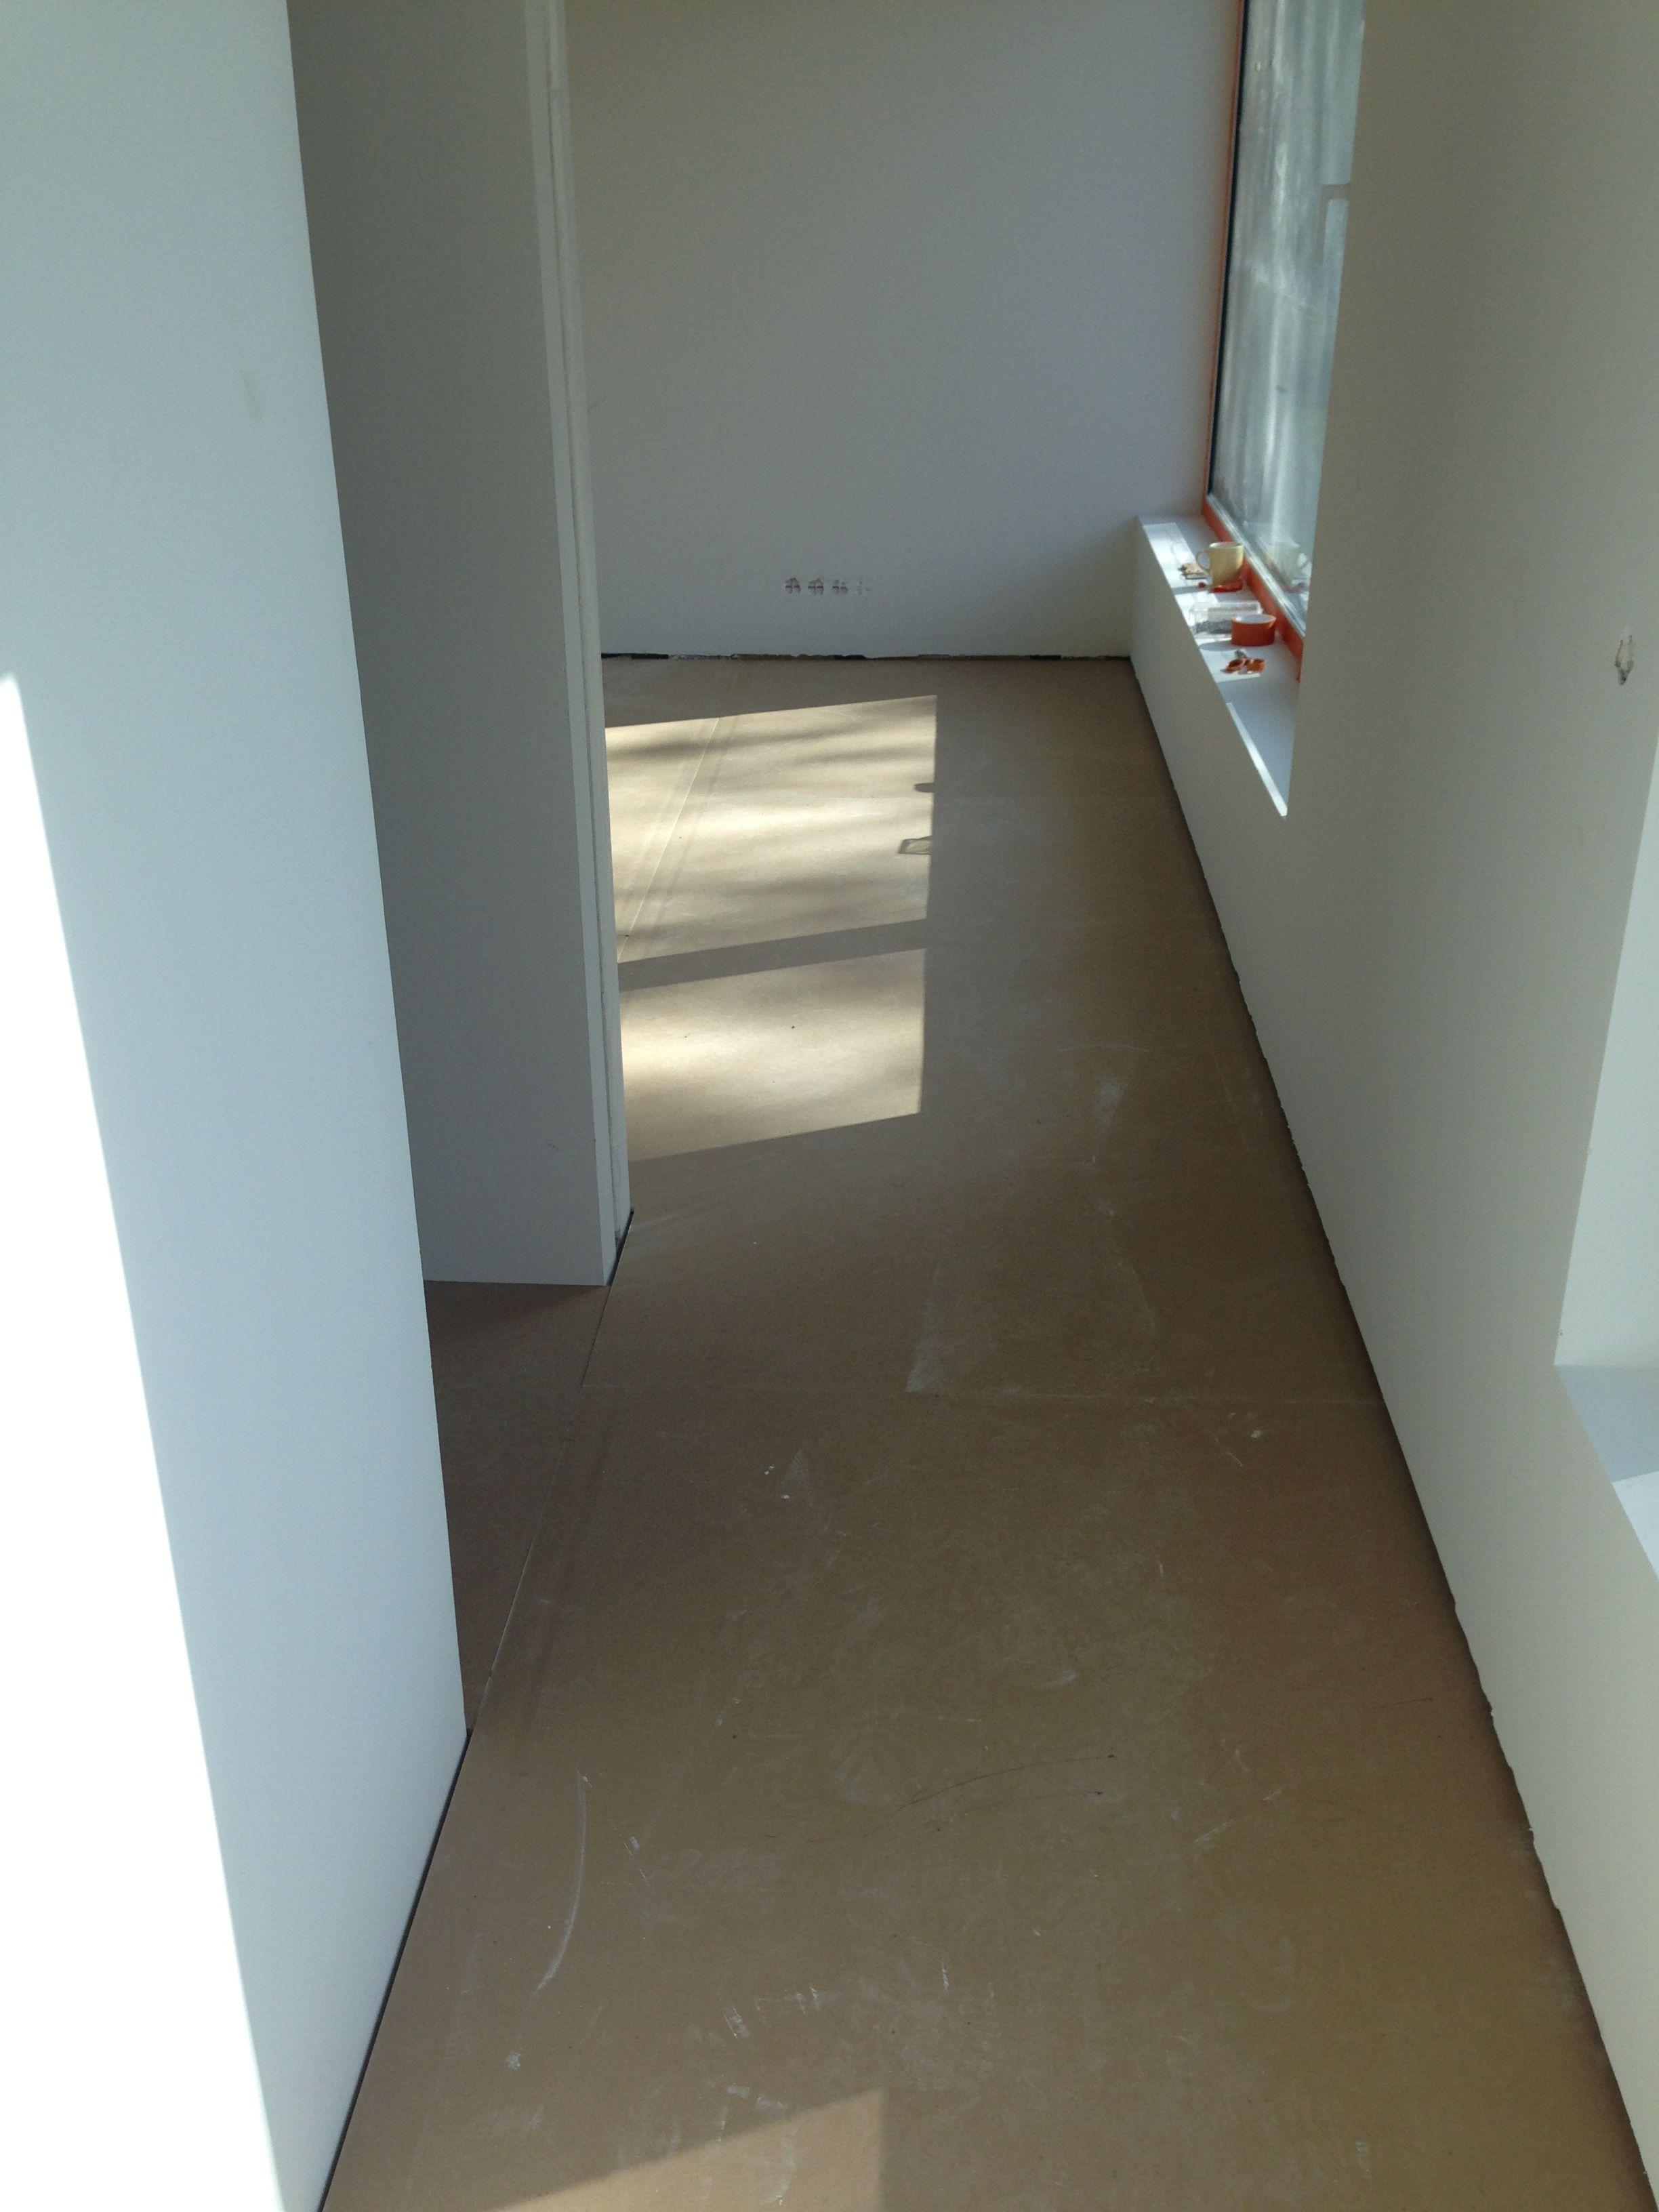 Yläkerran lattia parkettia vaille valmis 1.8.2014